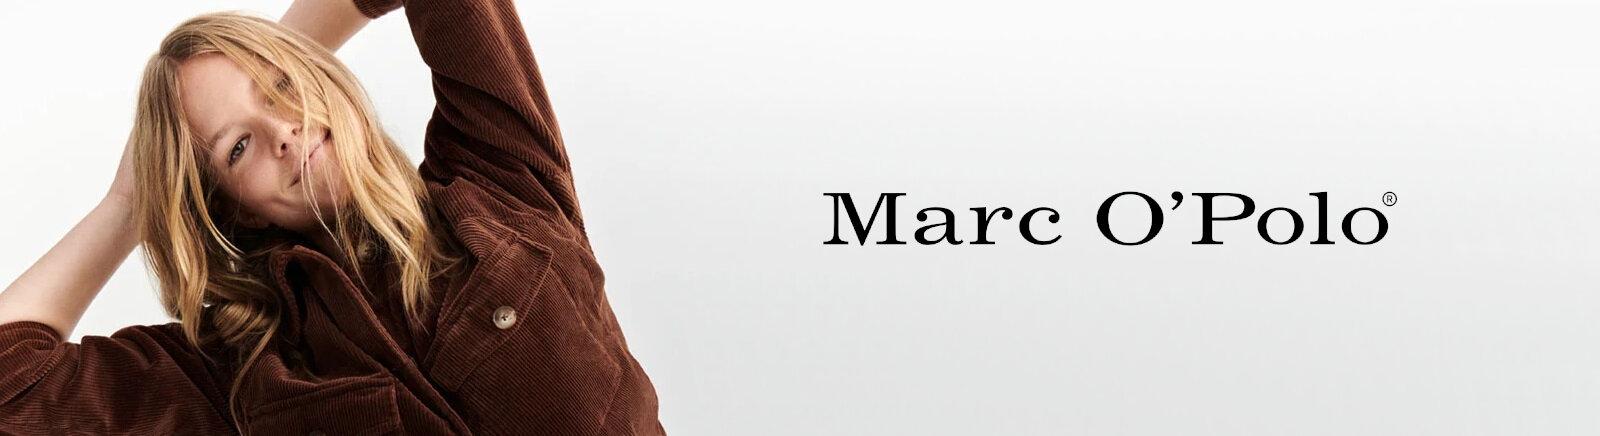 Marc O'Polo Herrenschuhe online kaufen im Shop von GISY